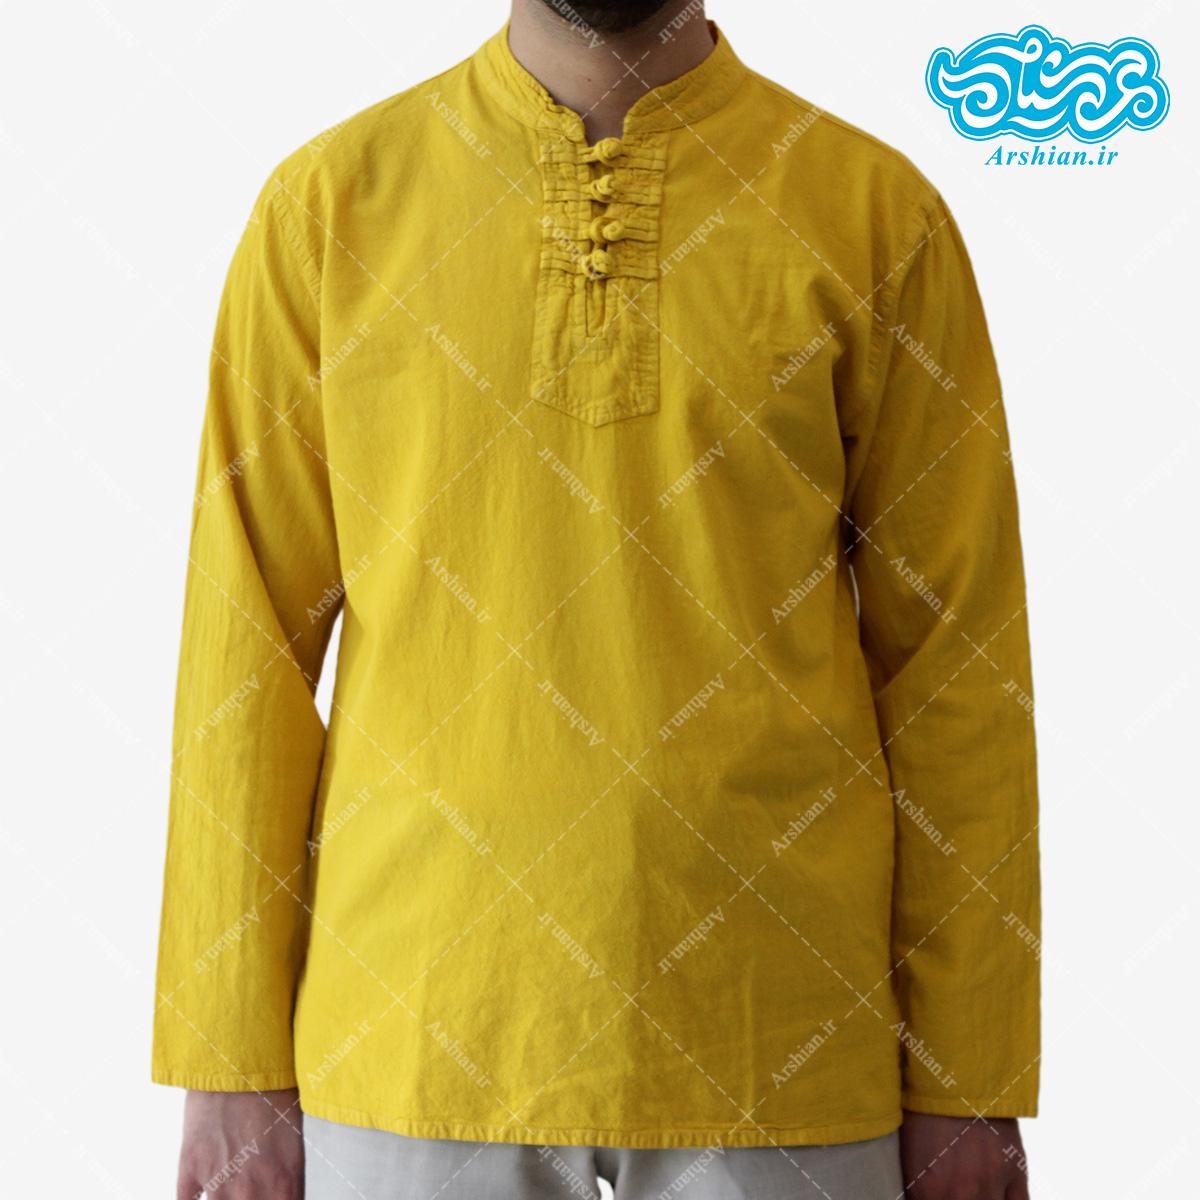 پیراهن الیاف طبیعی طرح گره ای مدل z001